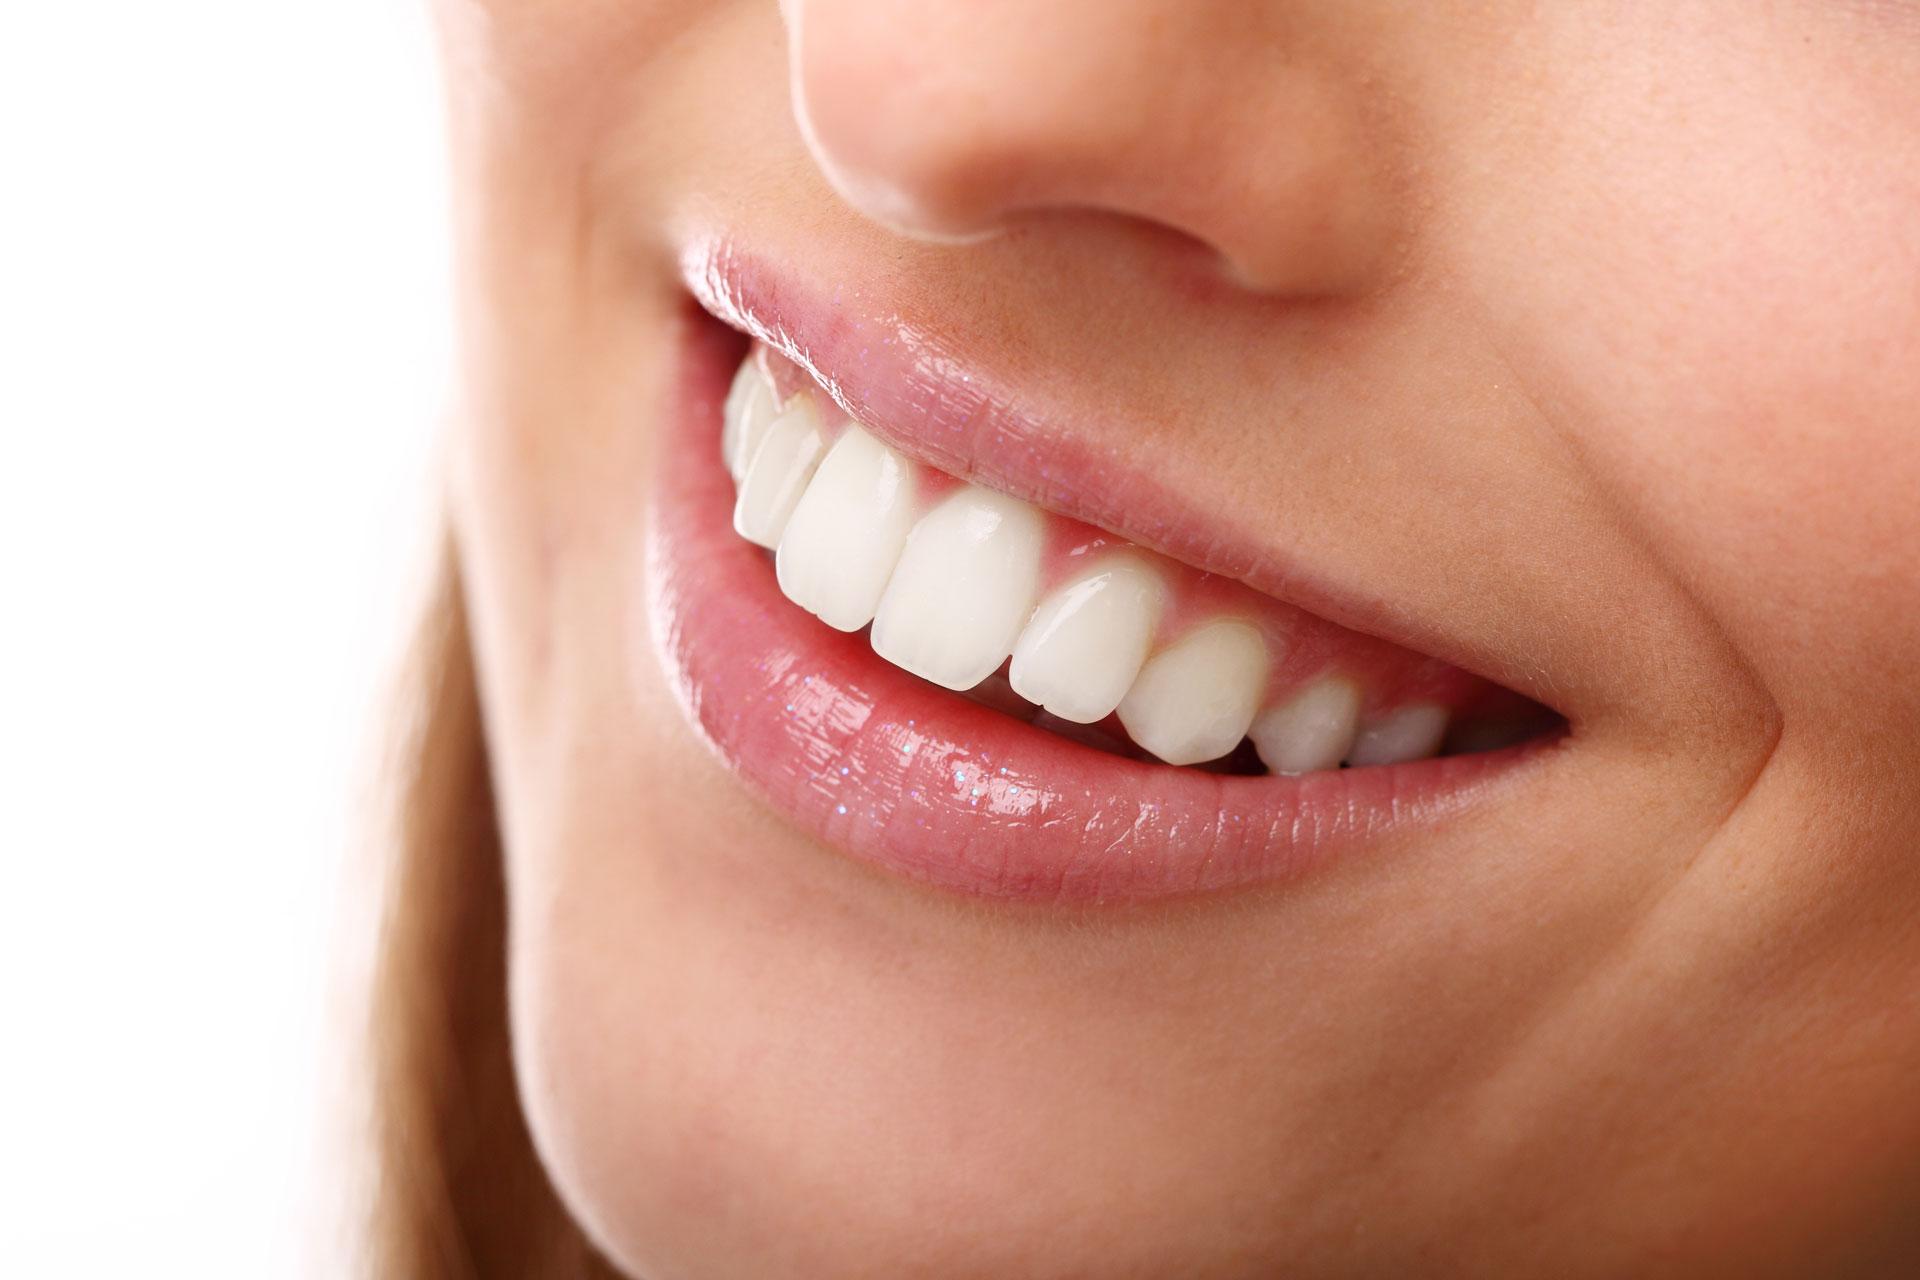 Sbiancamento-dei-denti-professionale